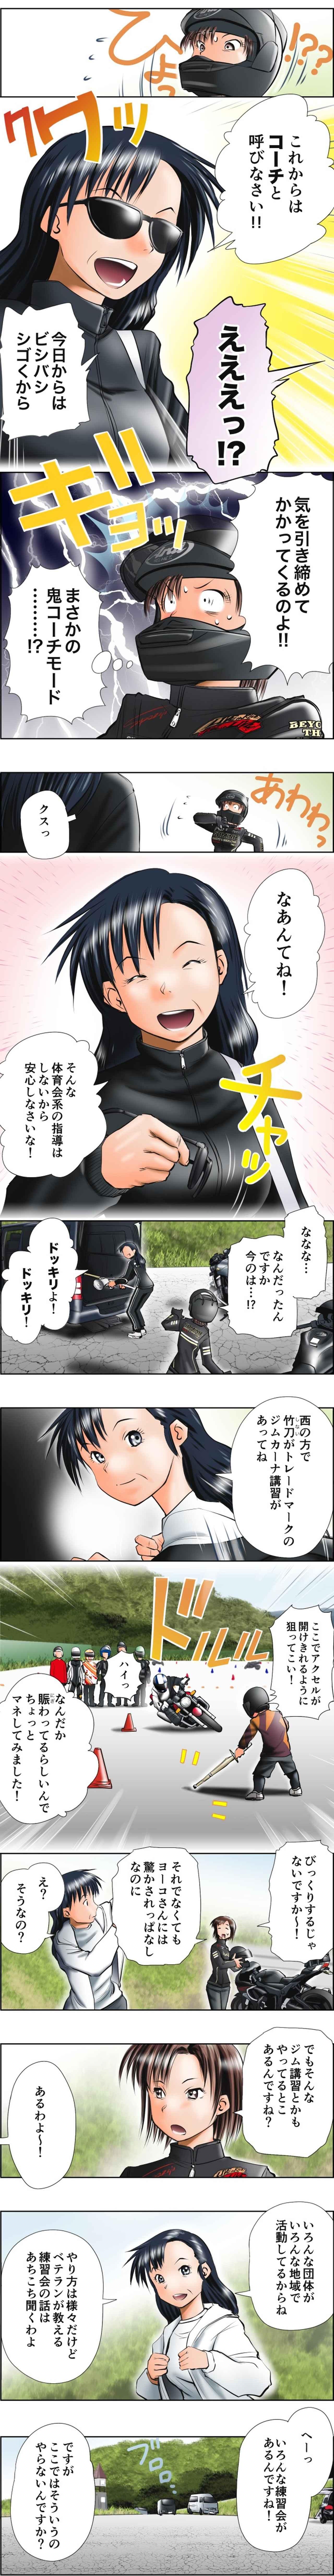 画像2: MOTOジム!(第8話:最高に楽しいんです!)  作・ばどみゅーみん